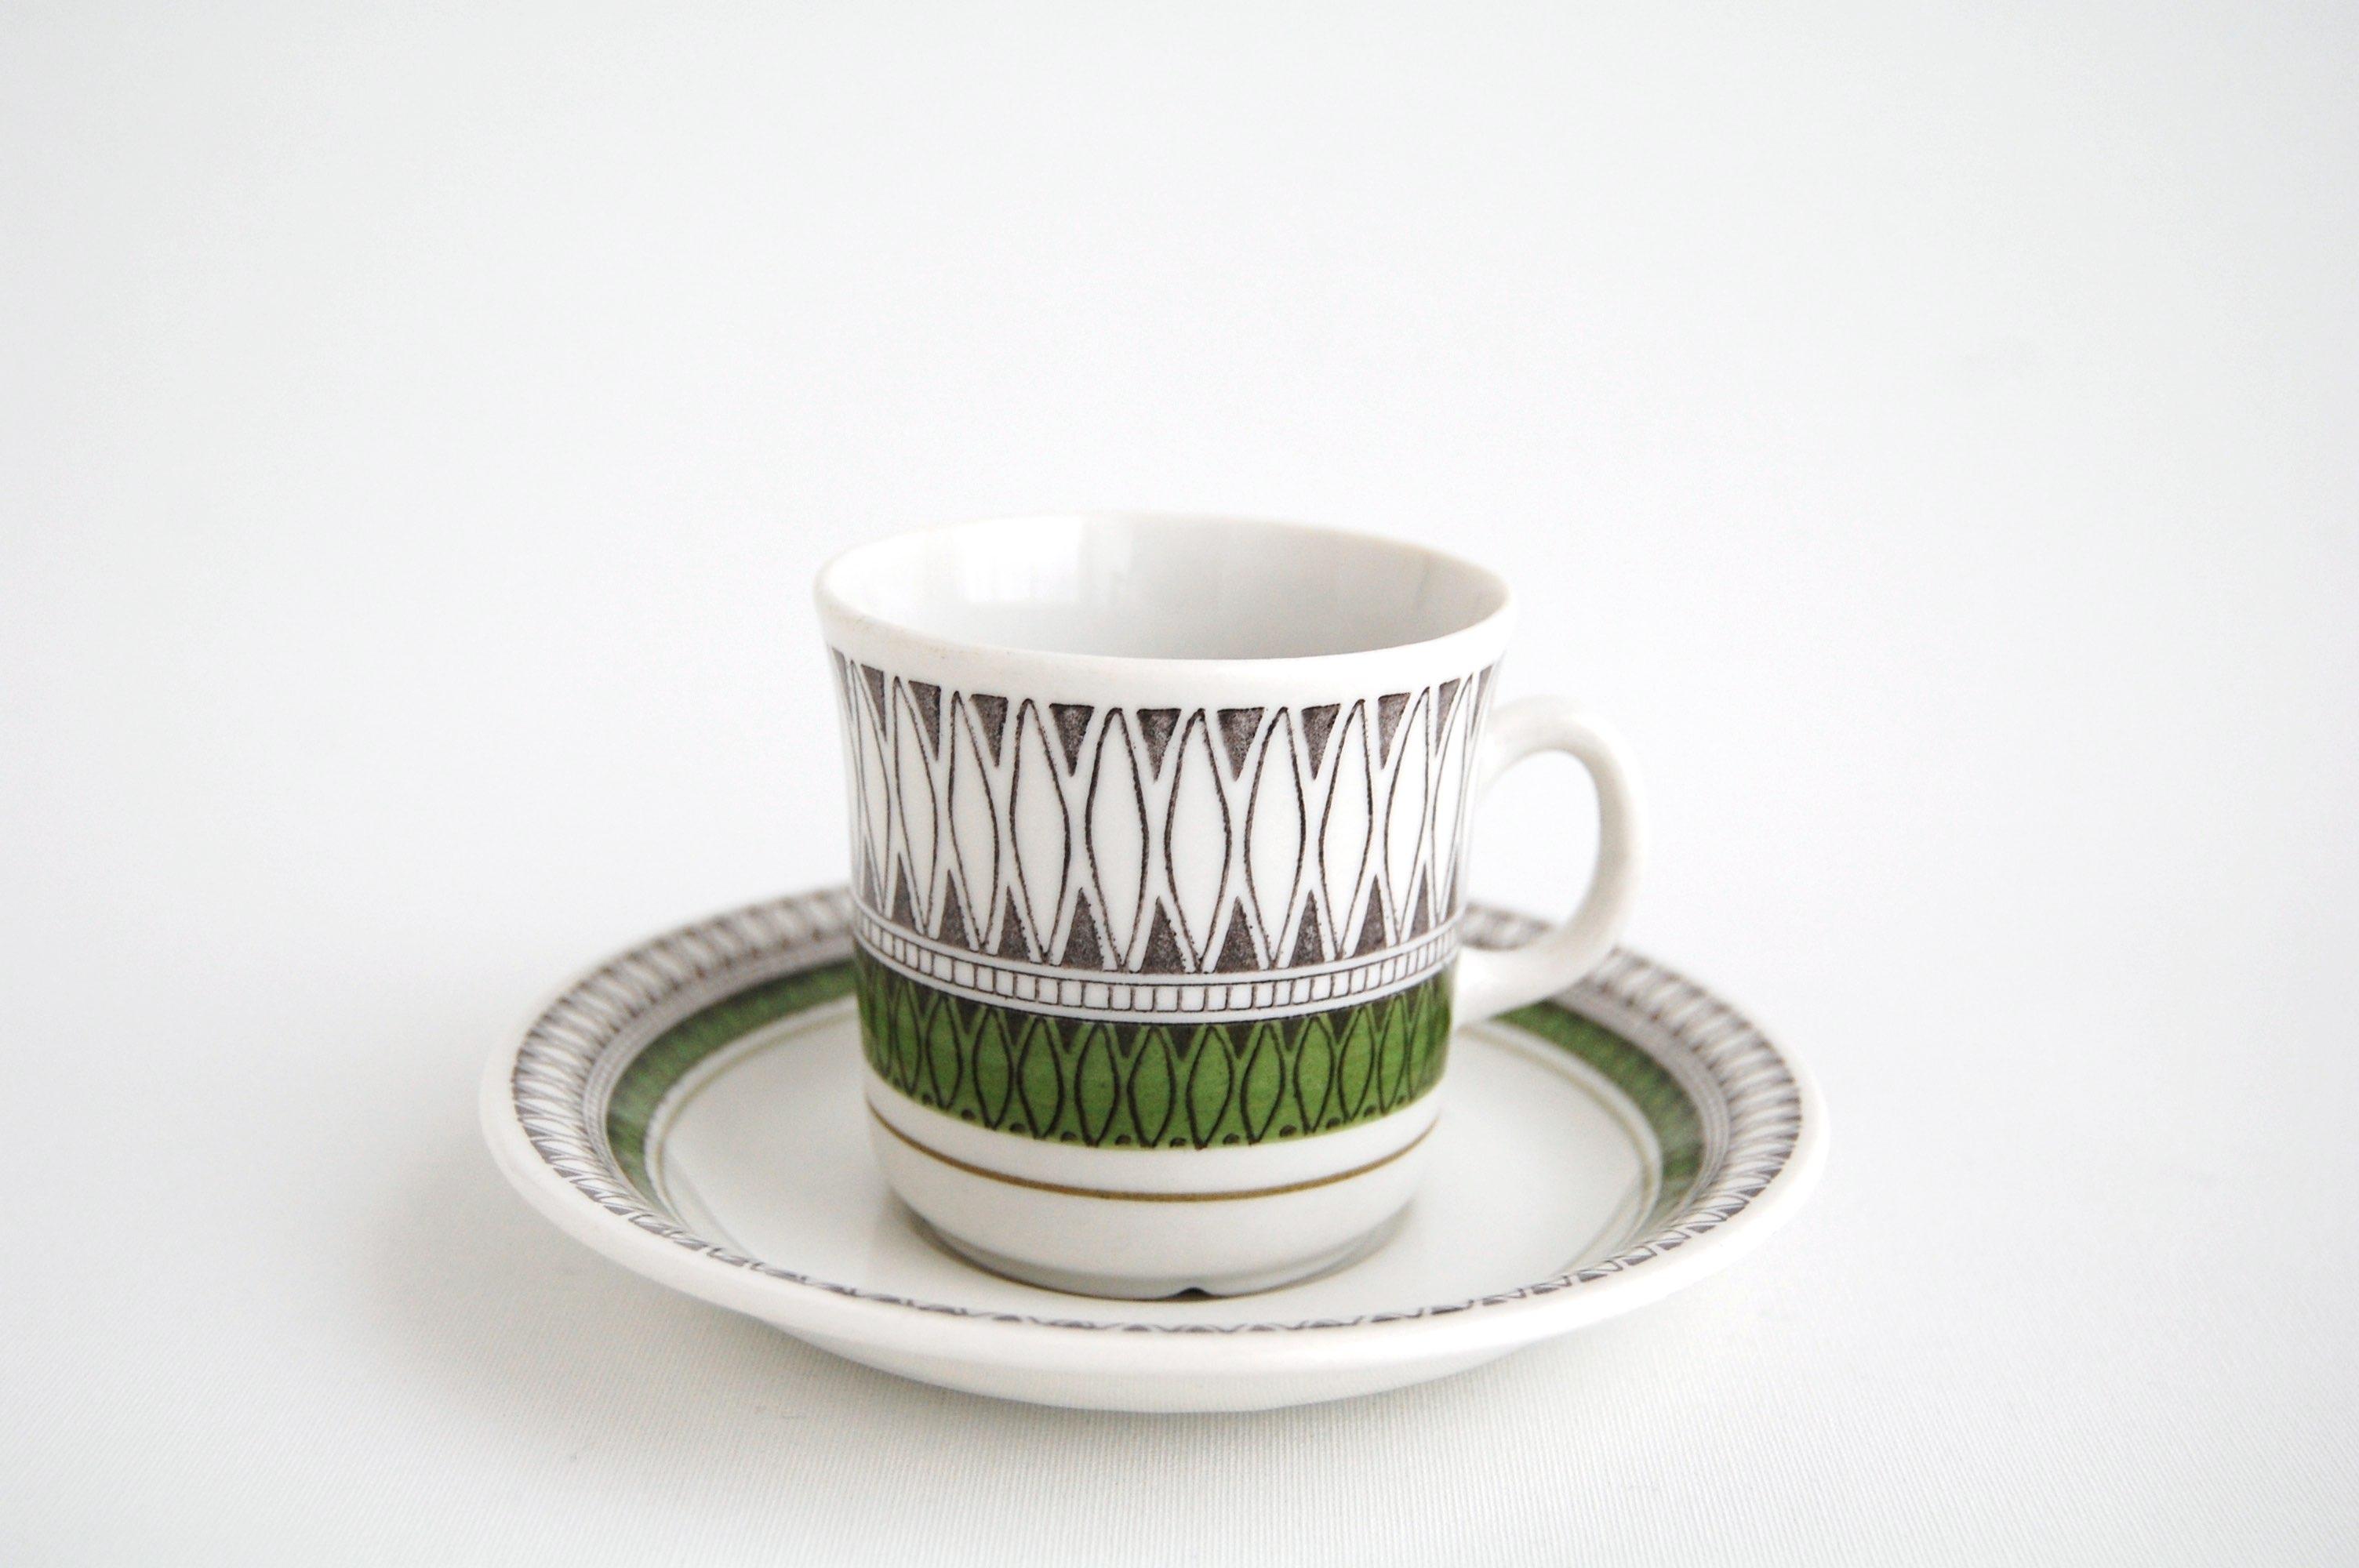 【お客様ご予約品】Gefle/ゲフレ MEXICO/メキシコ コーヒーカップ&ソーサー 002